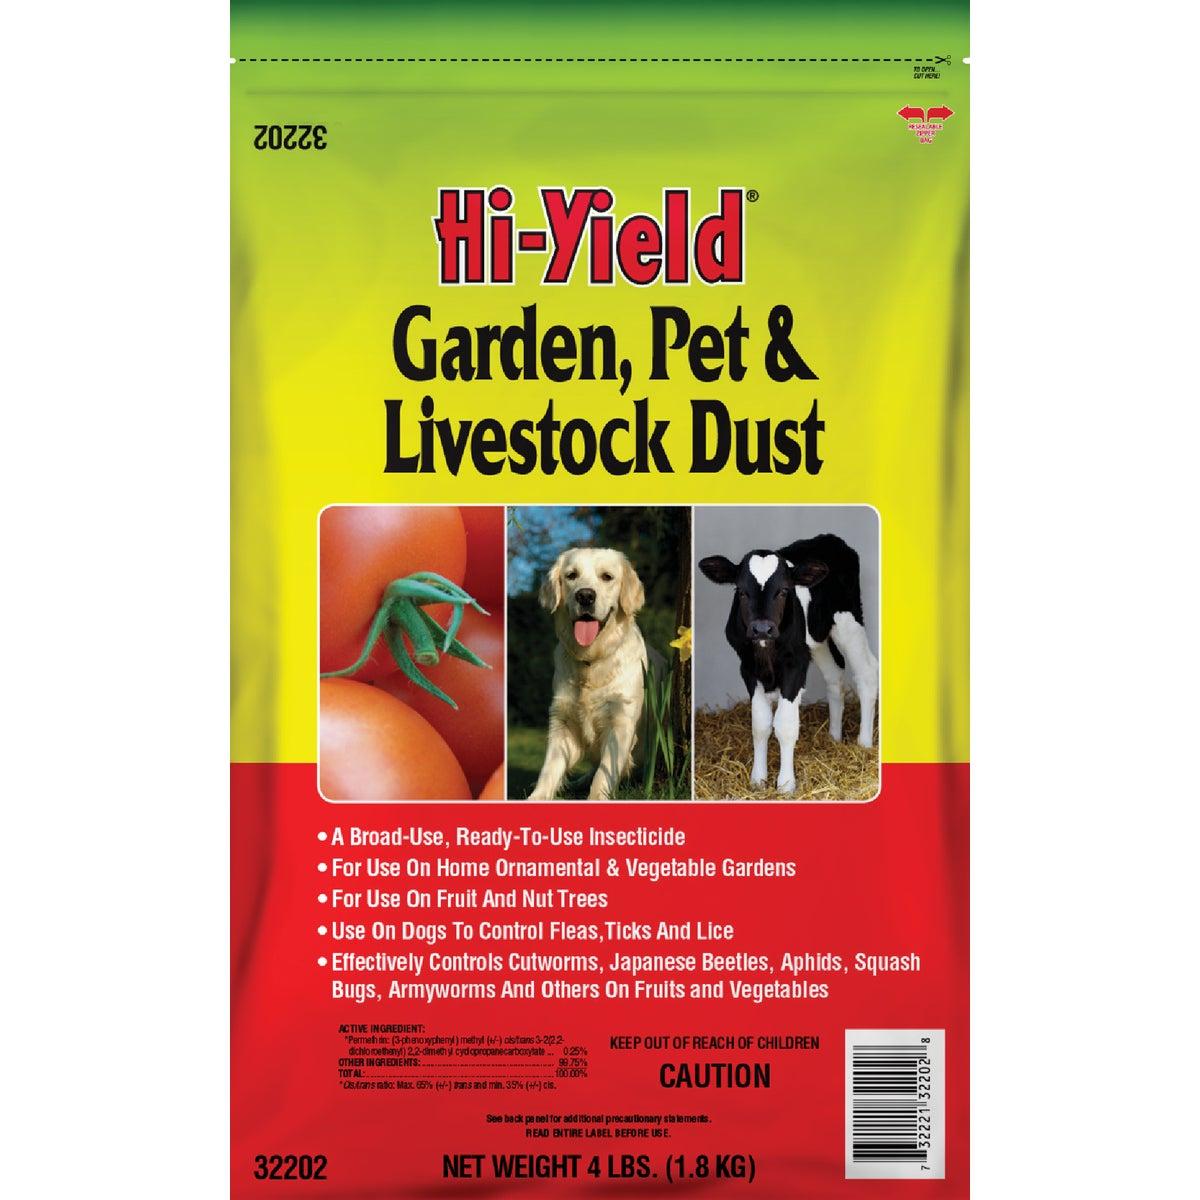 4LB GRD PET & LVSTK DUST - 32202 by Vpg Fertilome